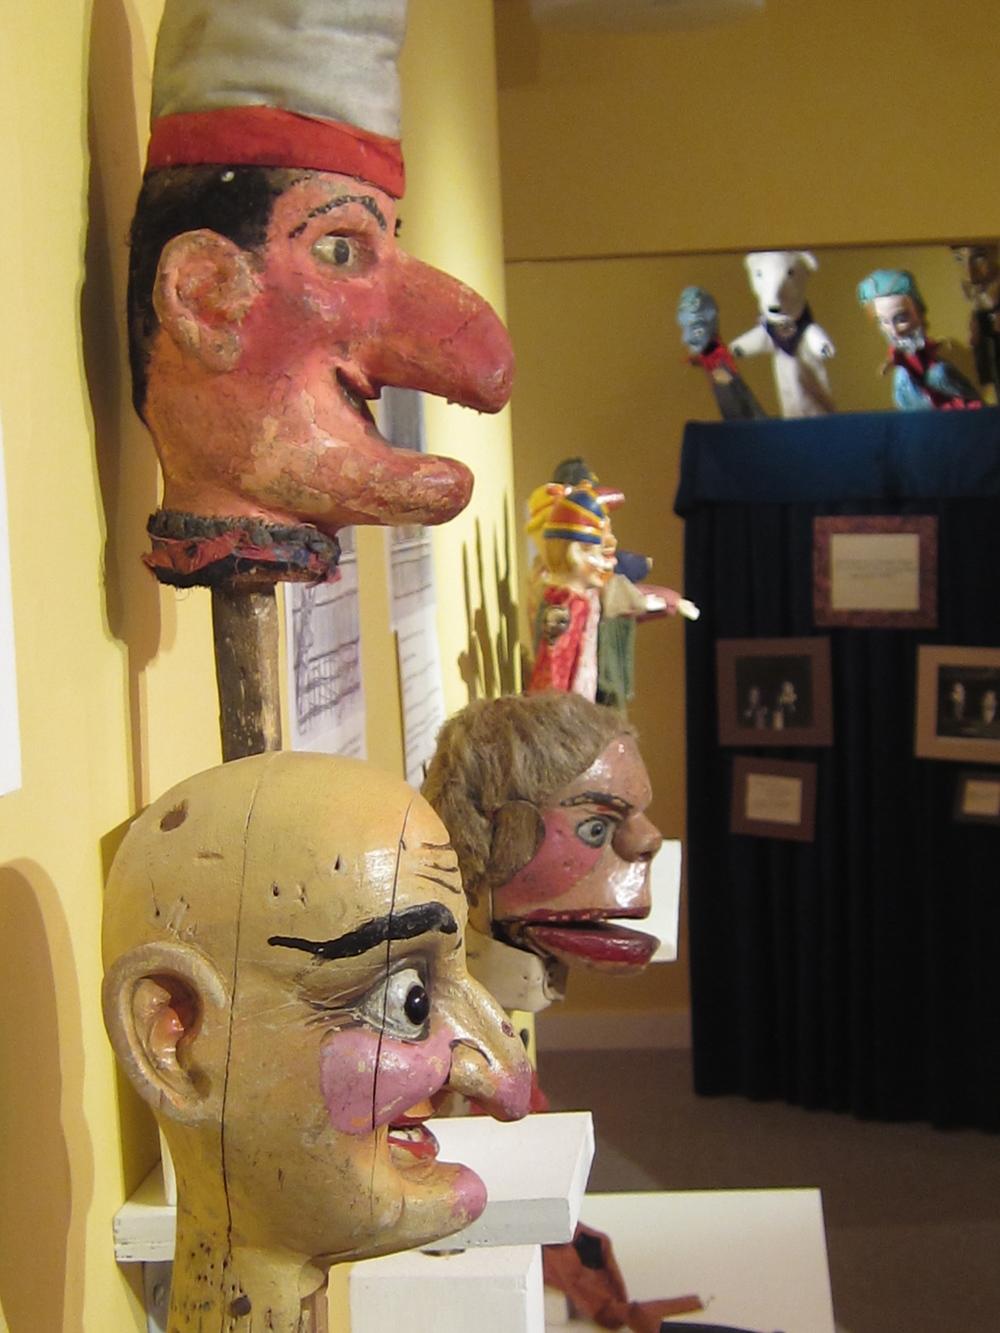 More puppets. The Ballard Puppetry Museum was founded by legendary puppetry teacher Bill Ballard.